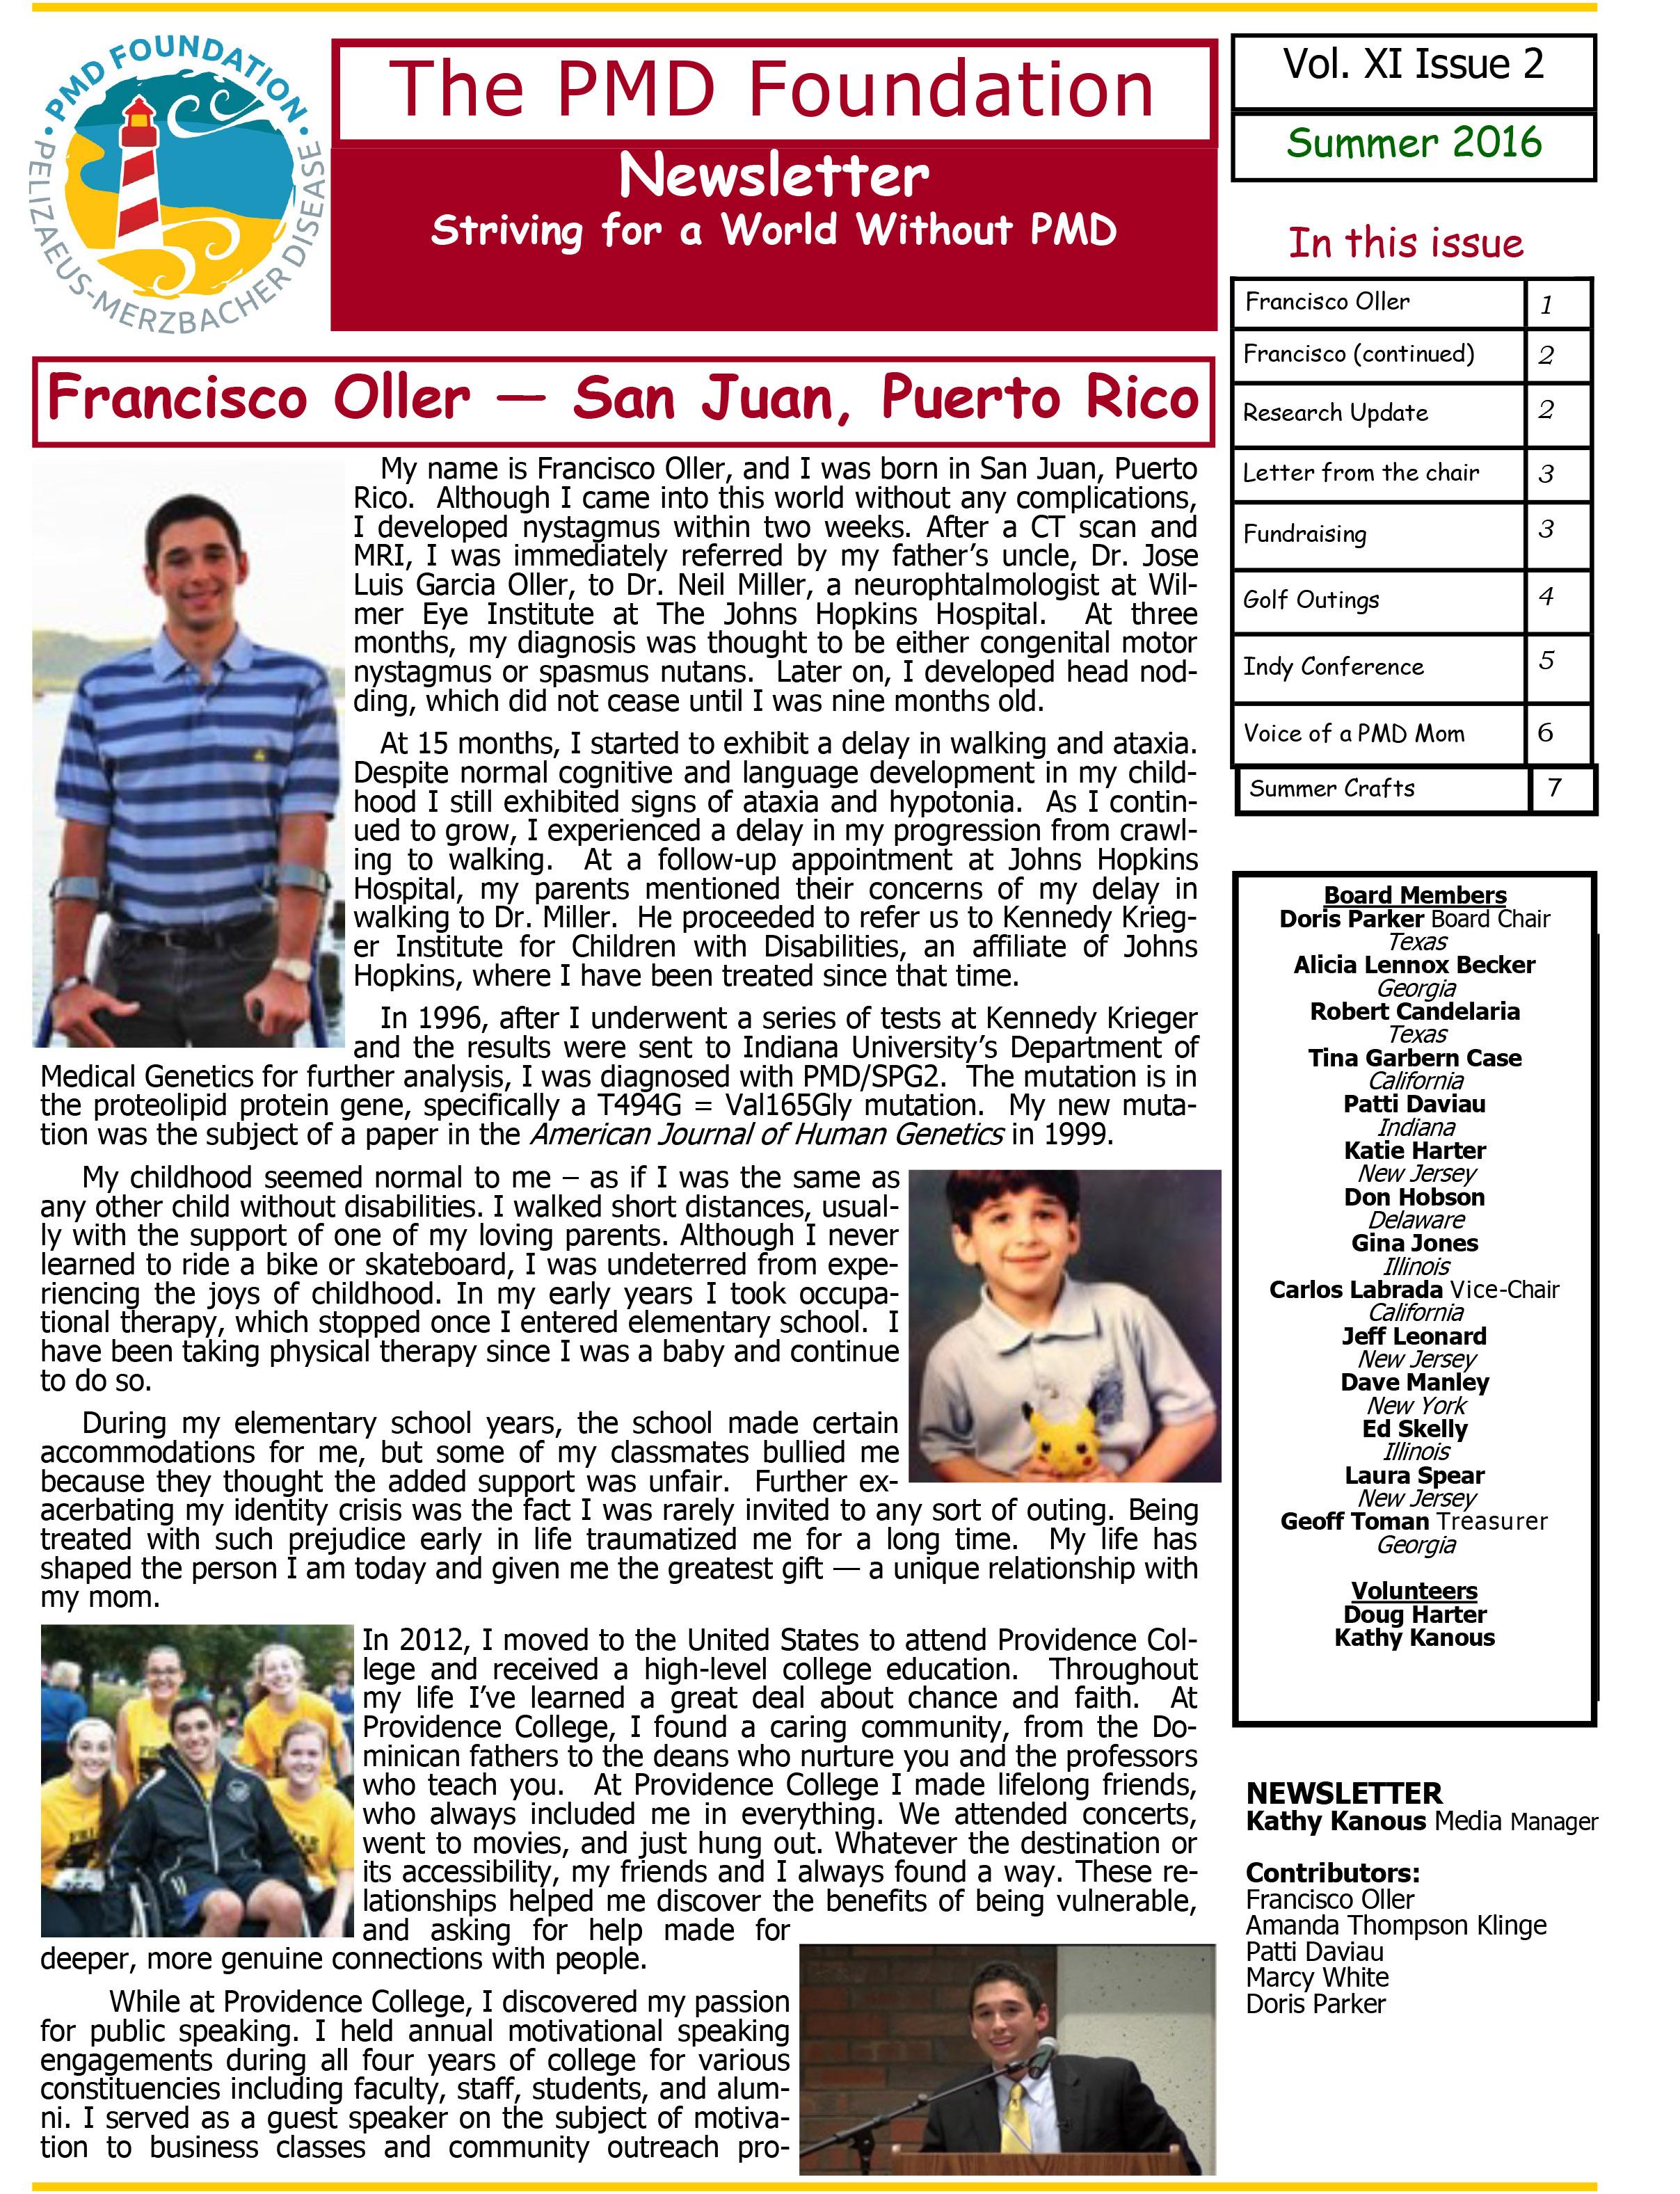 Summer2016Newsletter-1.jpg